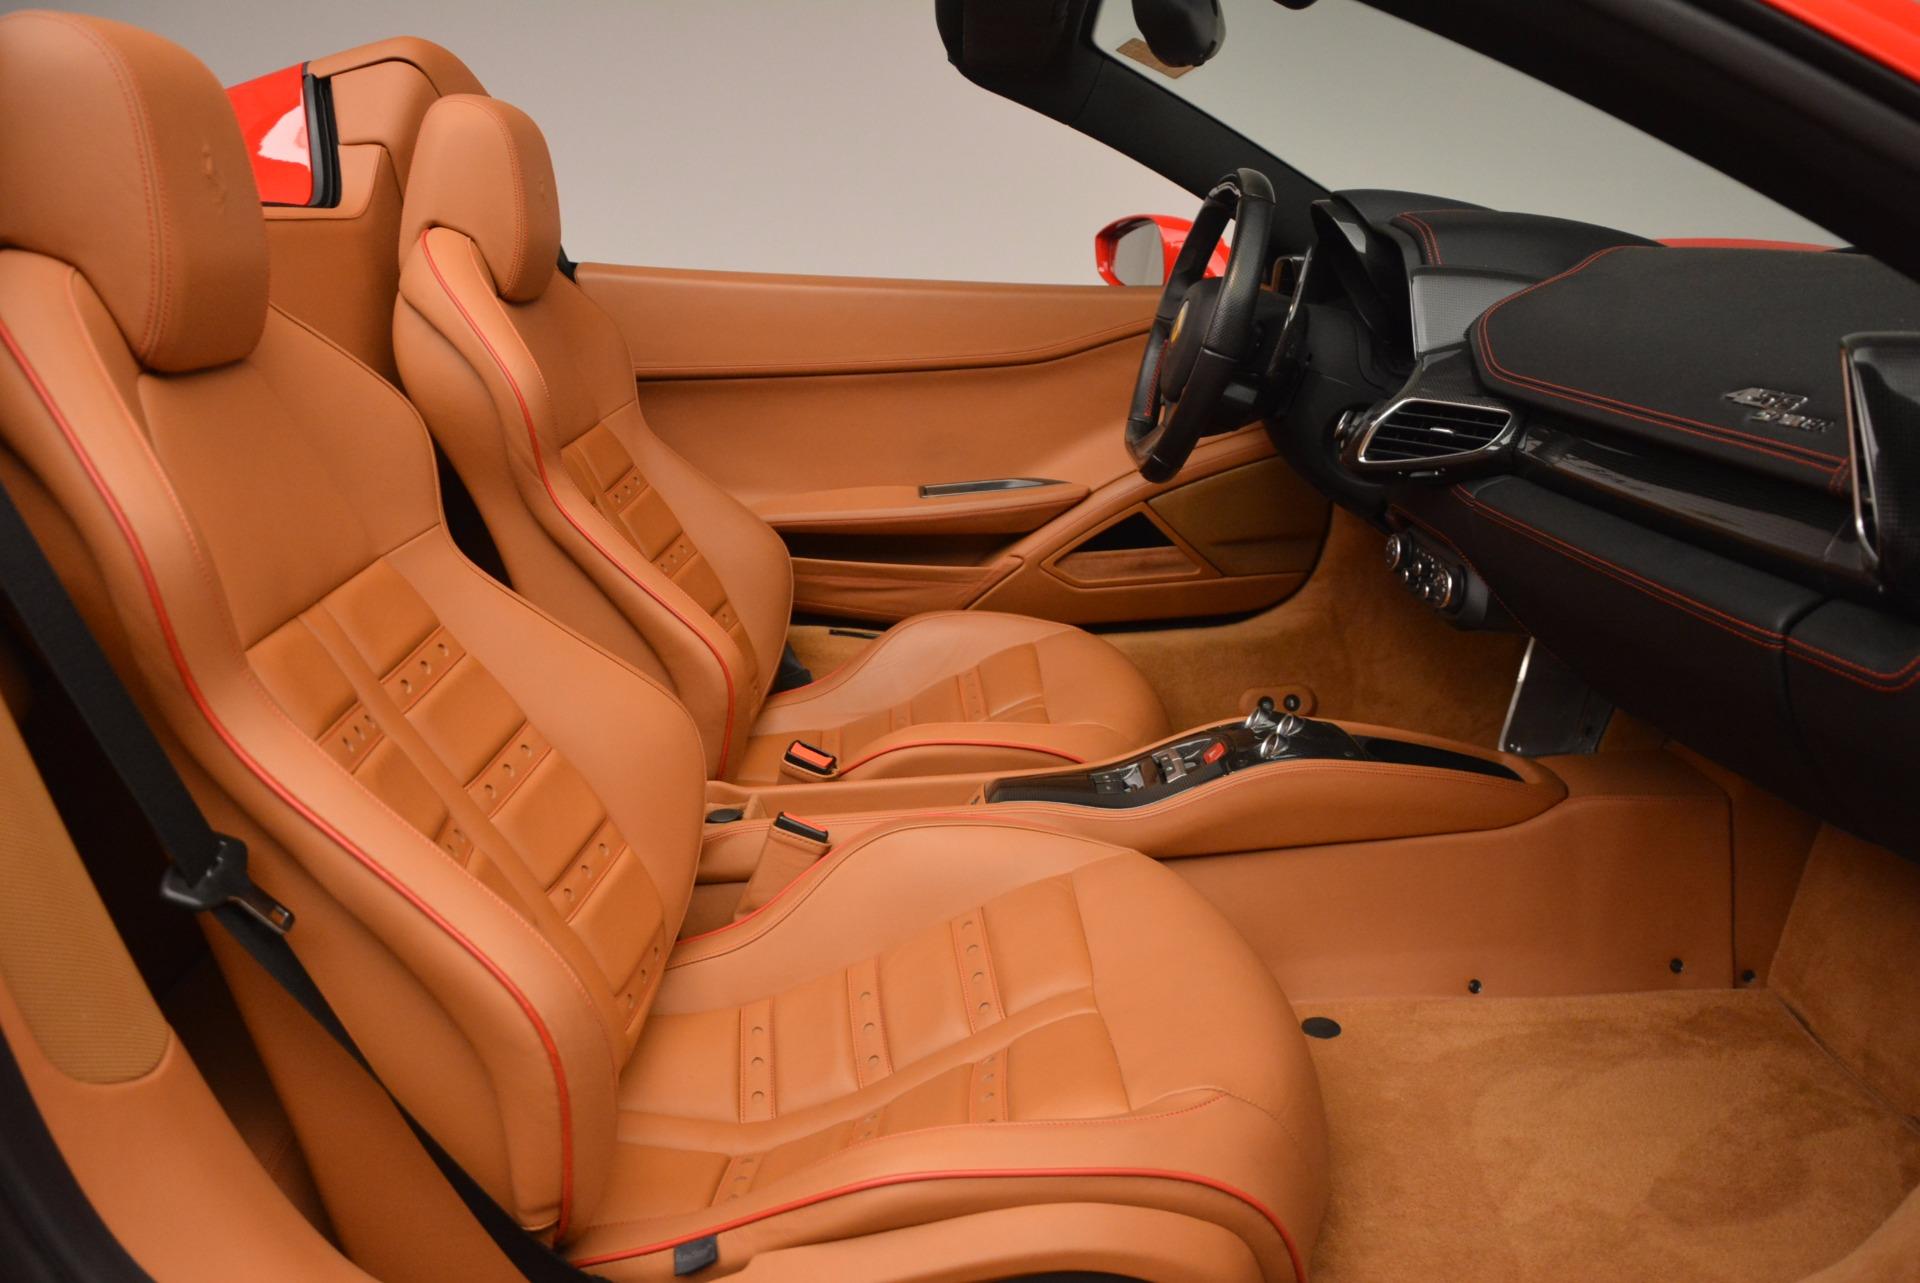 Used 2013 Ferrari 458 Spider  For Sale In Westport, CT 1784_p30